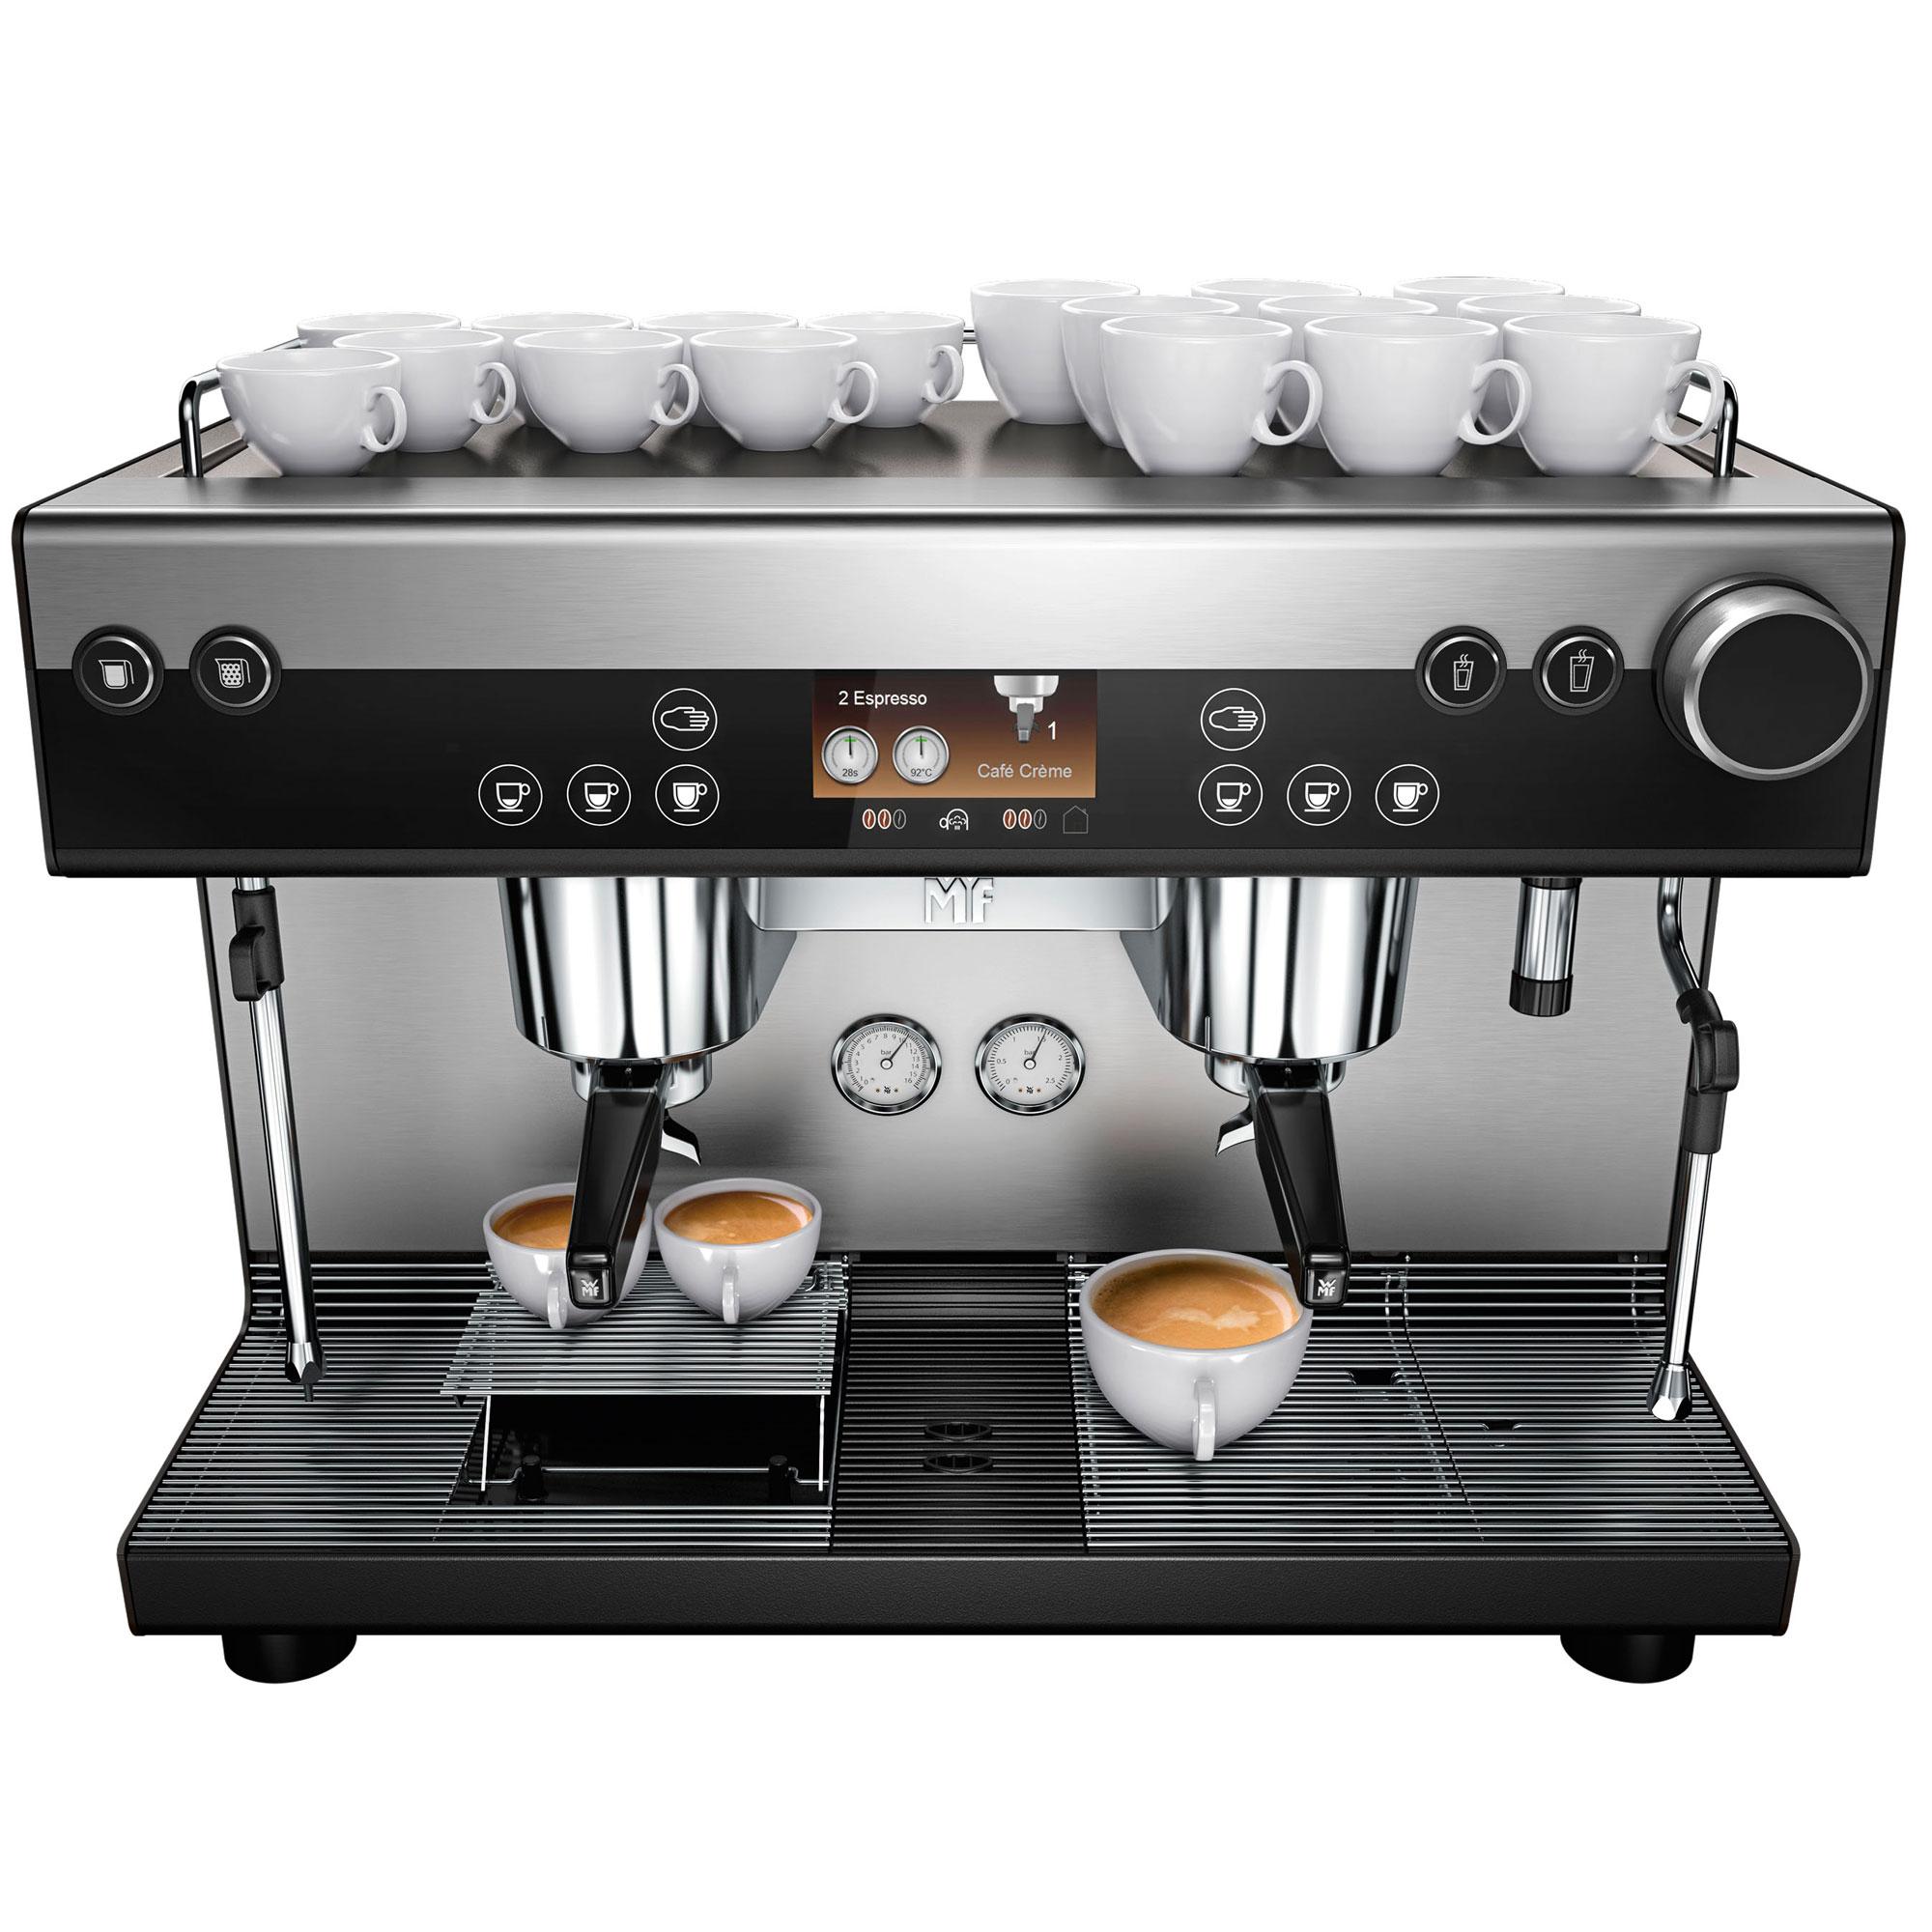 WMF Espresso, WMF, Espressor, HoReCa, Cluj-Napoca, Cafex